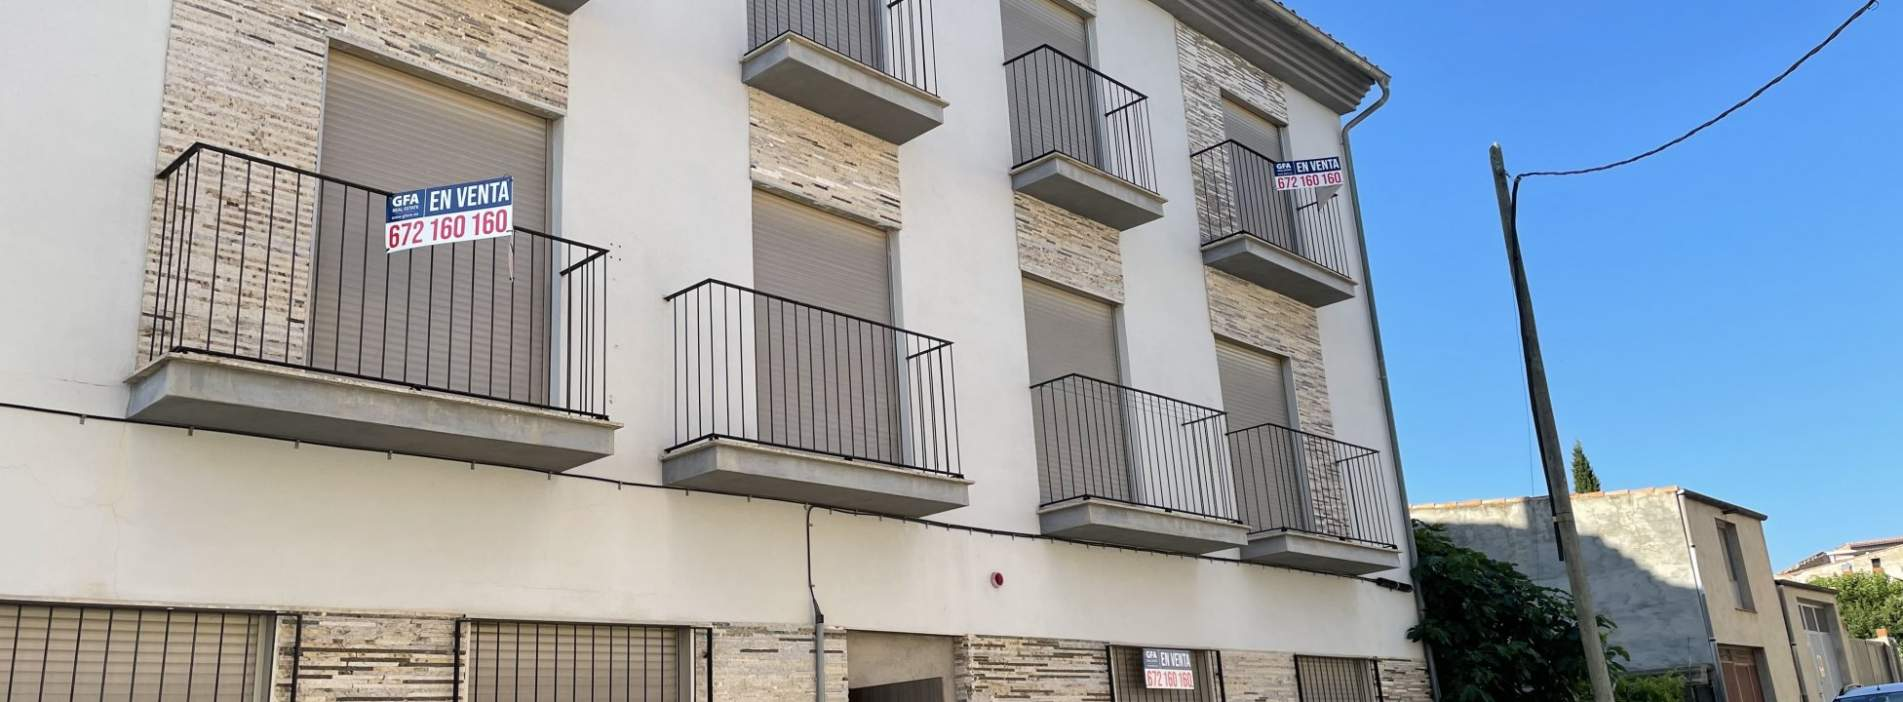 Viviendas de reciente construcción a la venta en Albocacer, Castellón.